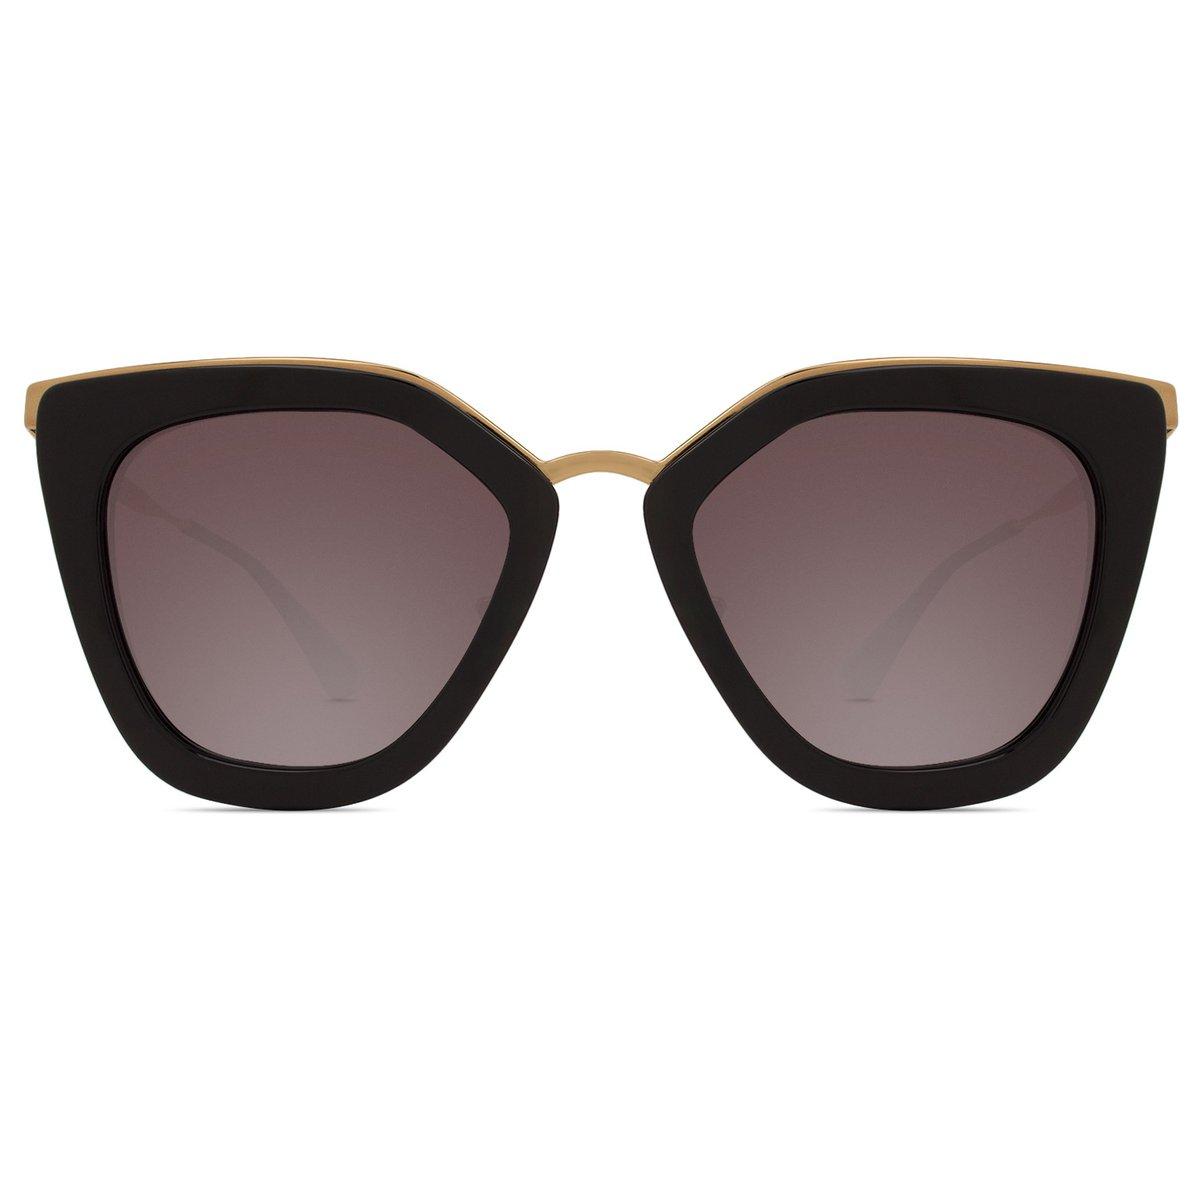 d2a2d97cedbcb Óculos de Sol Prada Cinema Evolution PR53SS 1AB2A0-52 Polarizado - Compre  Agora